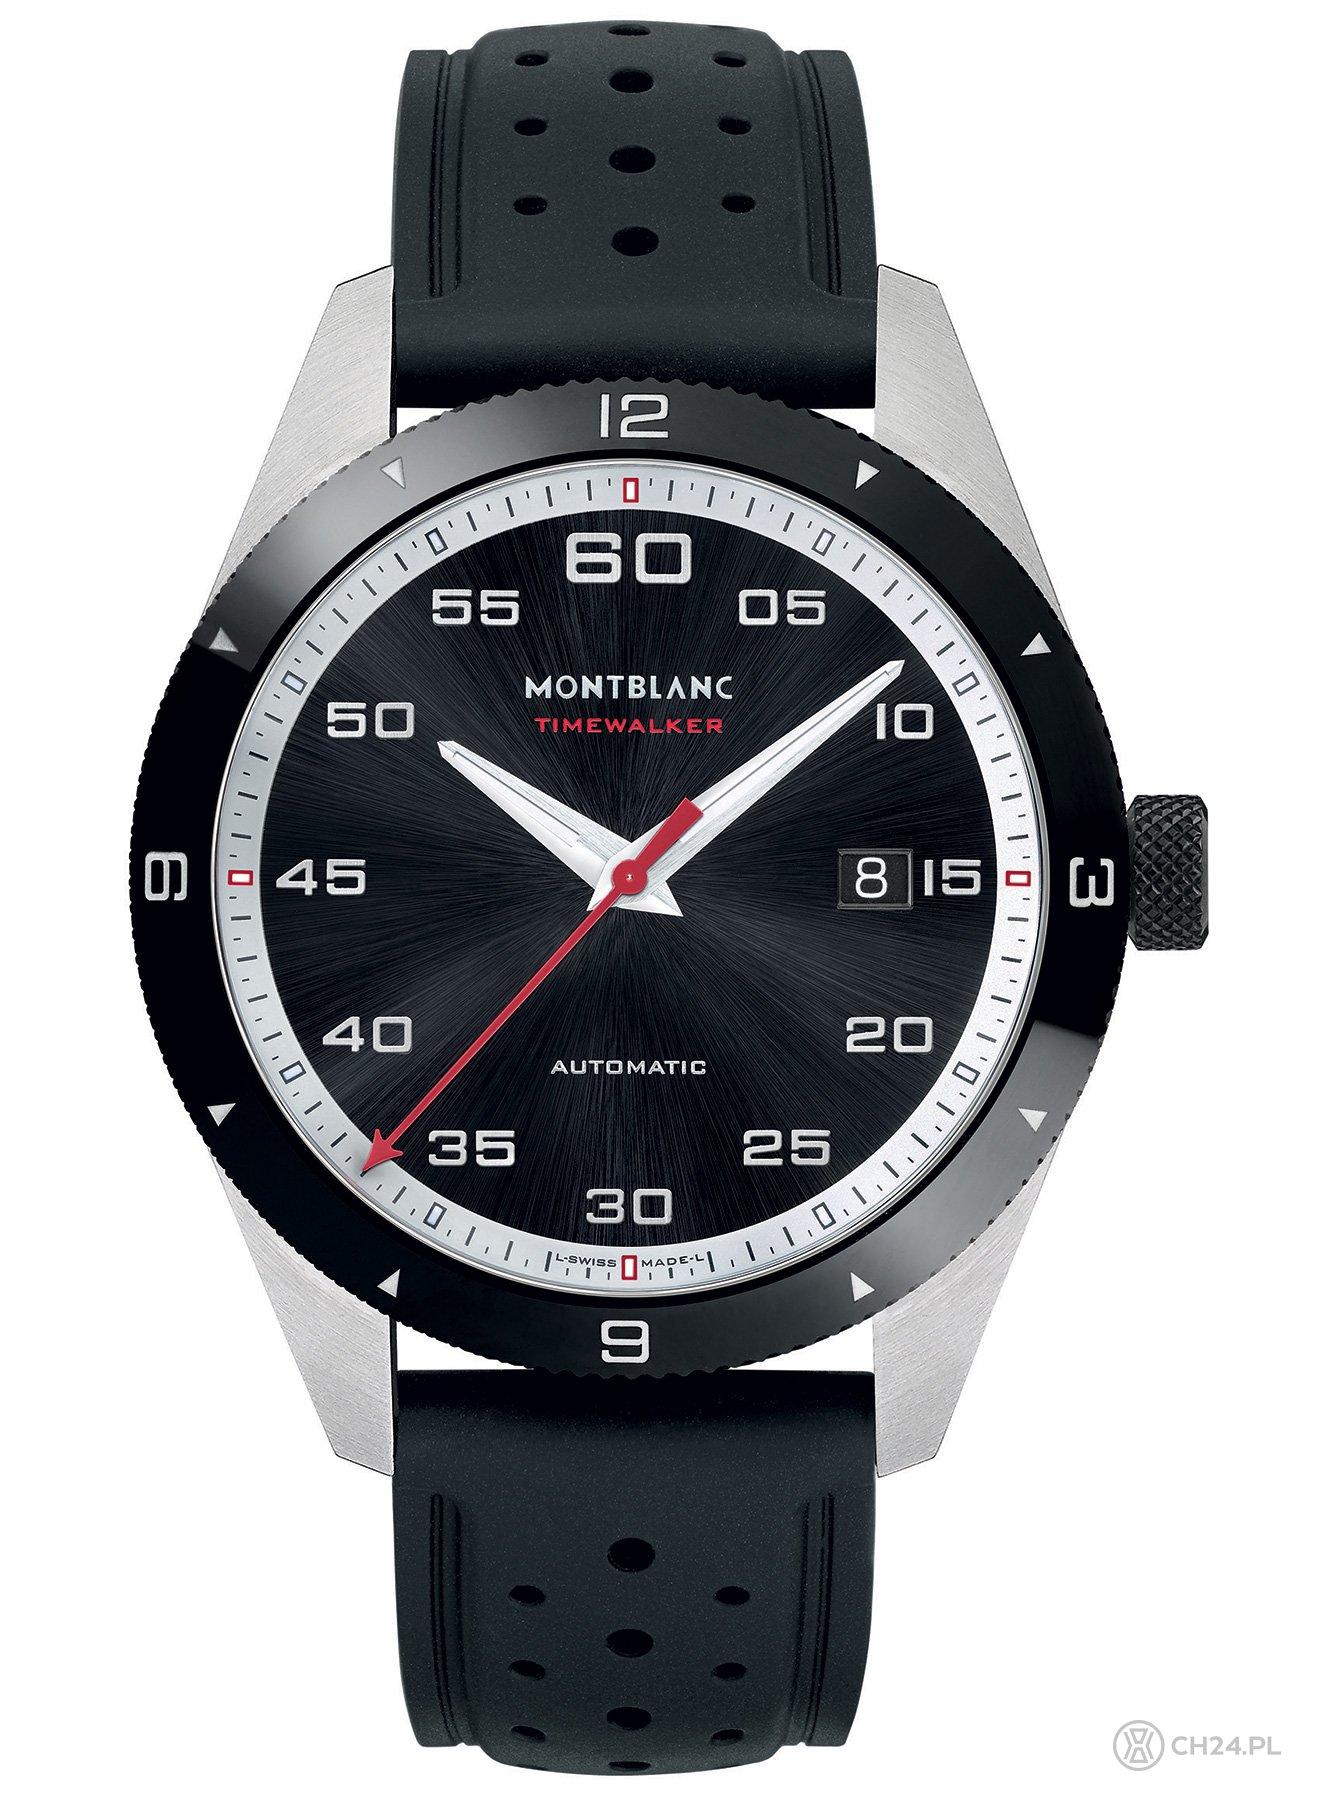 Часы наручные швейцарские montblanc